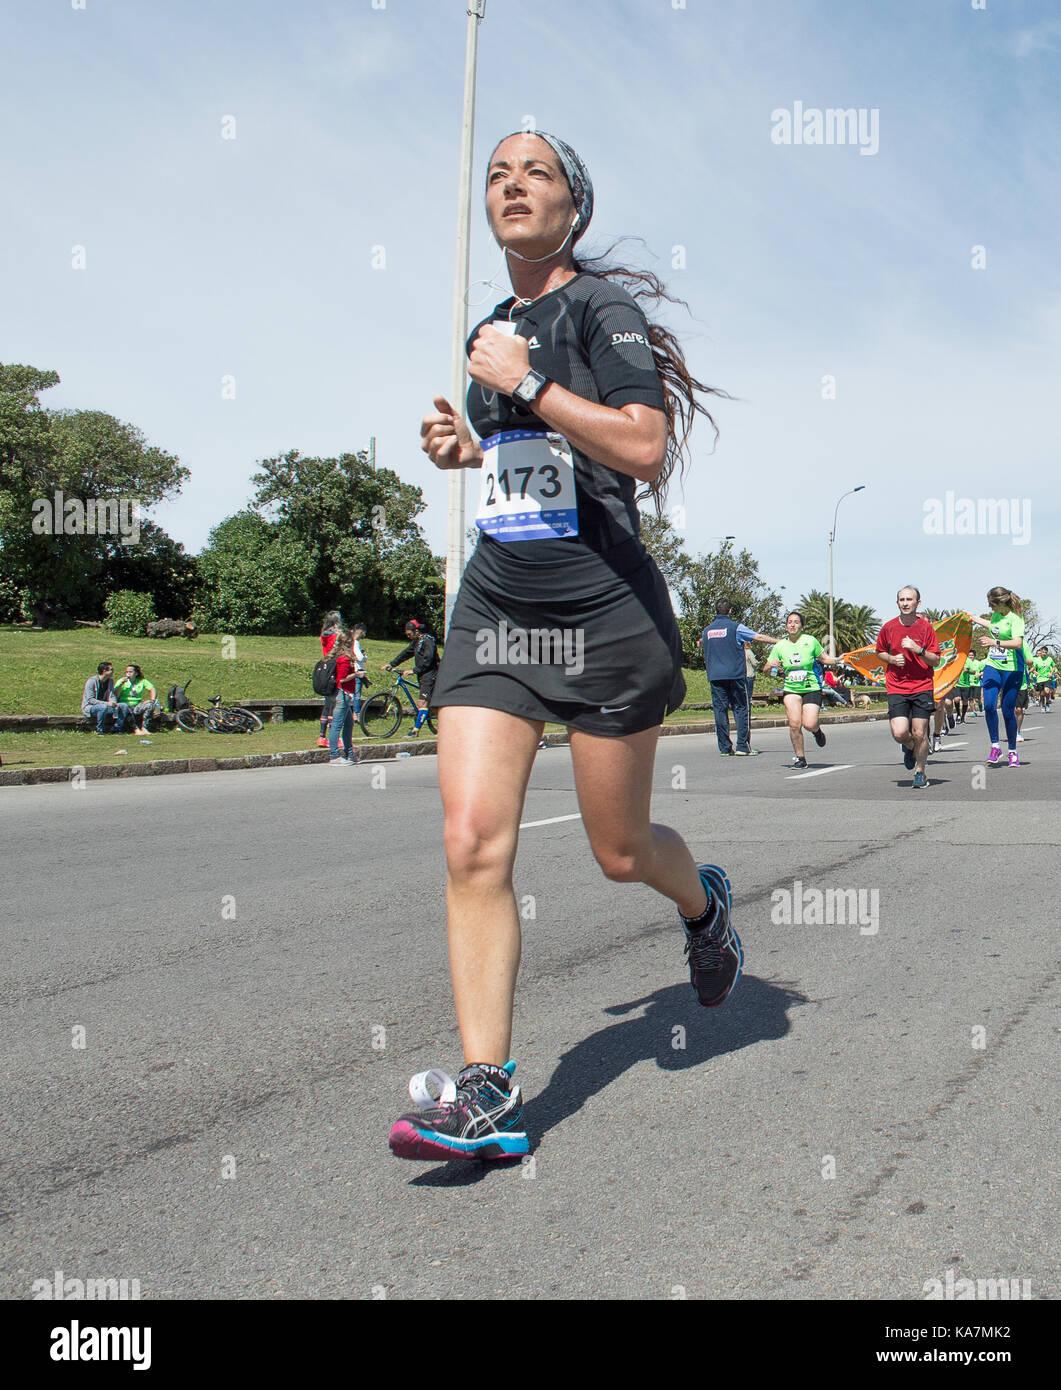 MONTEVIDEO, URUGUAY – SEPTEMBER 24, 2017: runner in the Global Energy race. - Stock Image